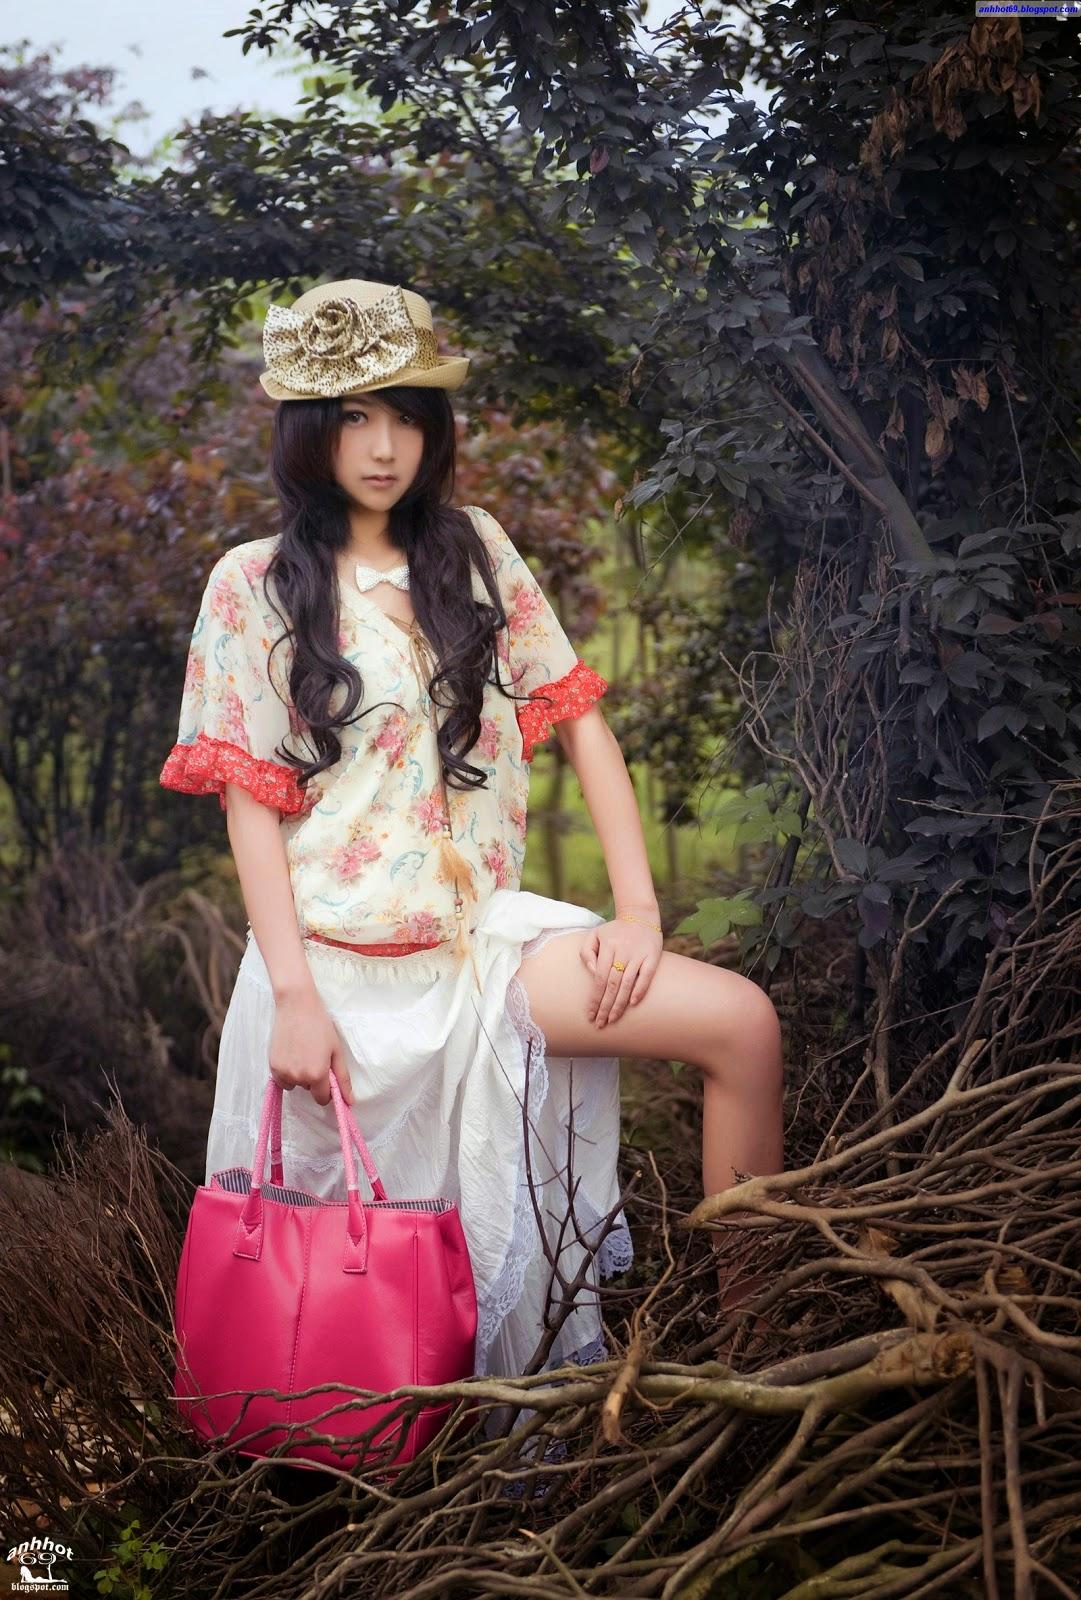 Vivi_Xia_Xiaowei_5247515_201307102021400132